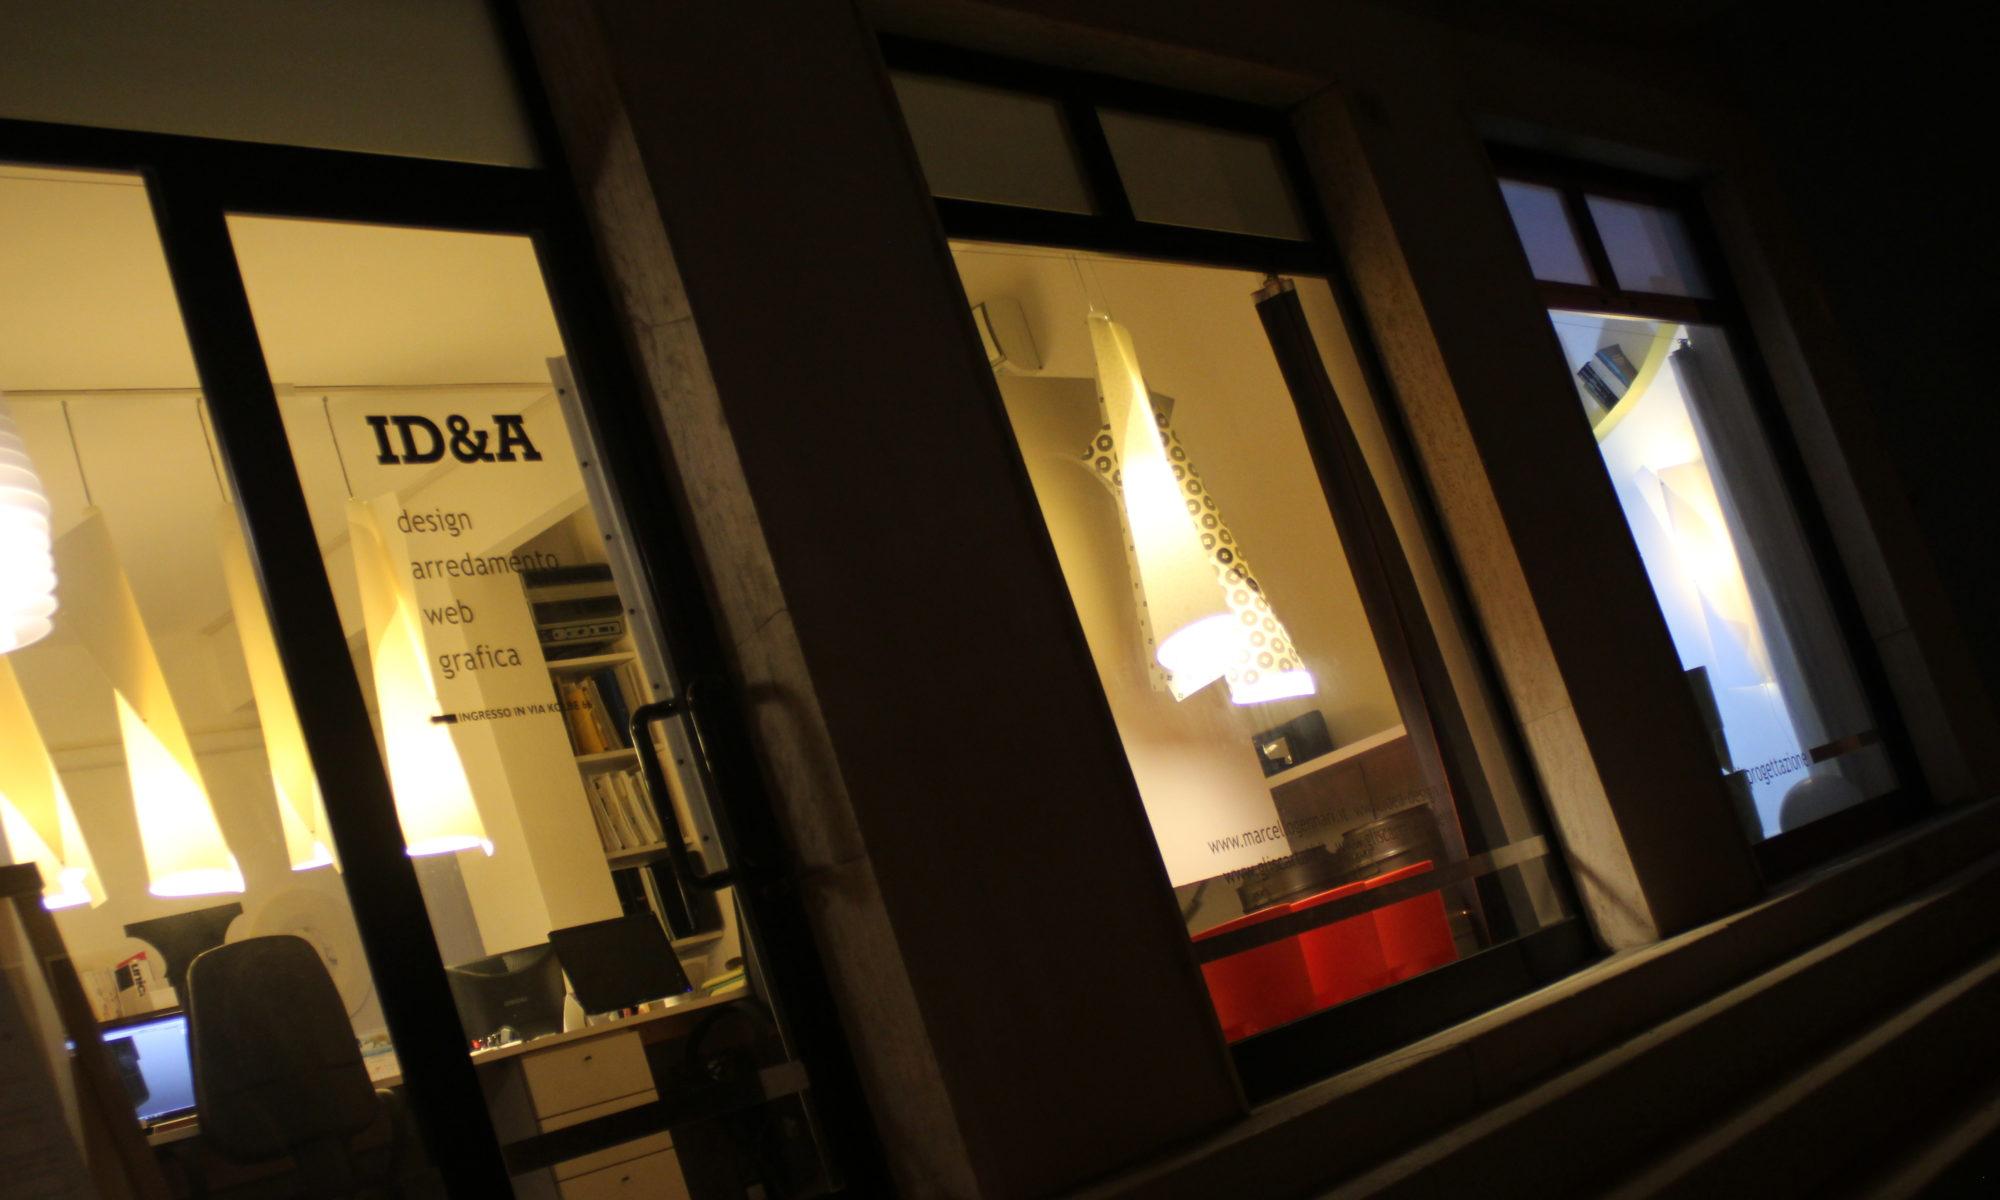 design e grafica - Pesaro